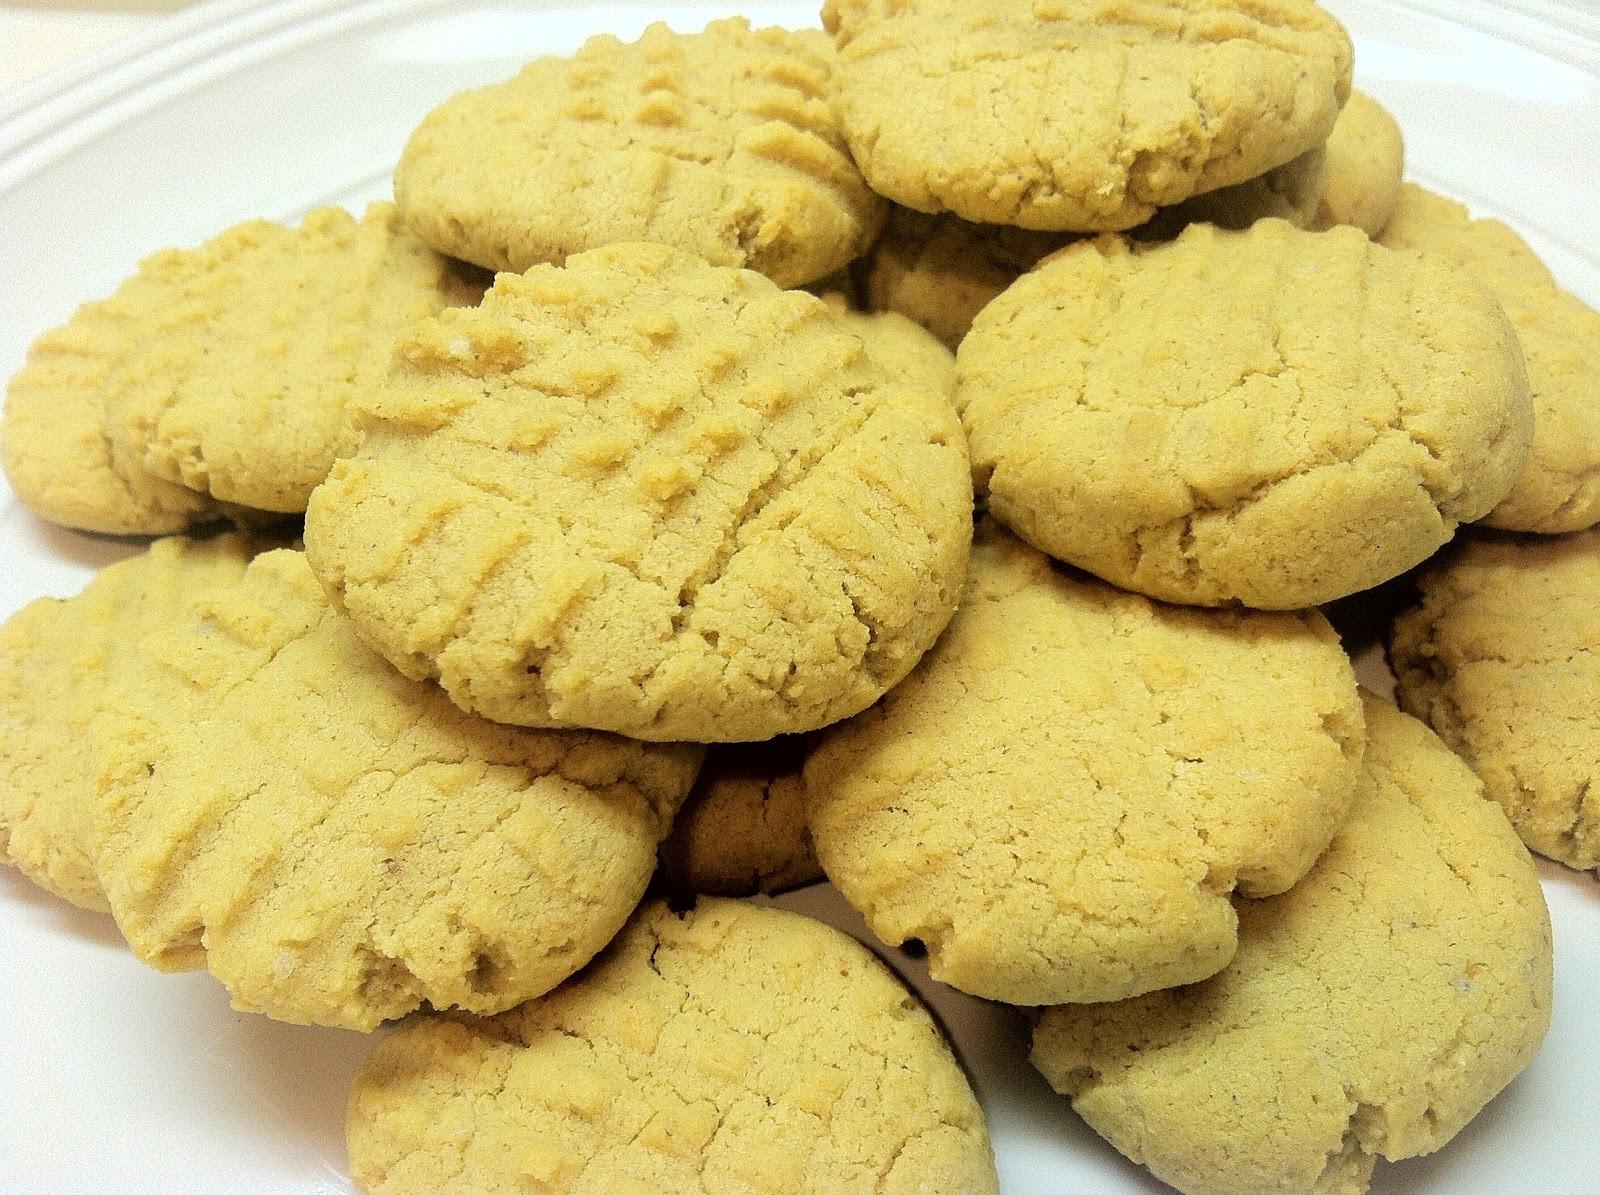 Low Carb Coconut Flour Cookie Recipes  Low Carb Layla Peanut Butter Coconut Flour Cookies